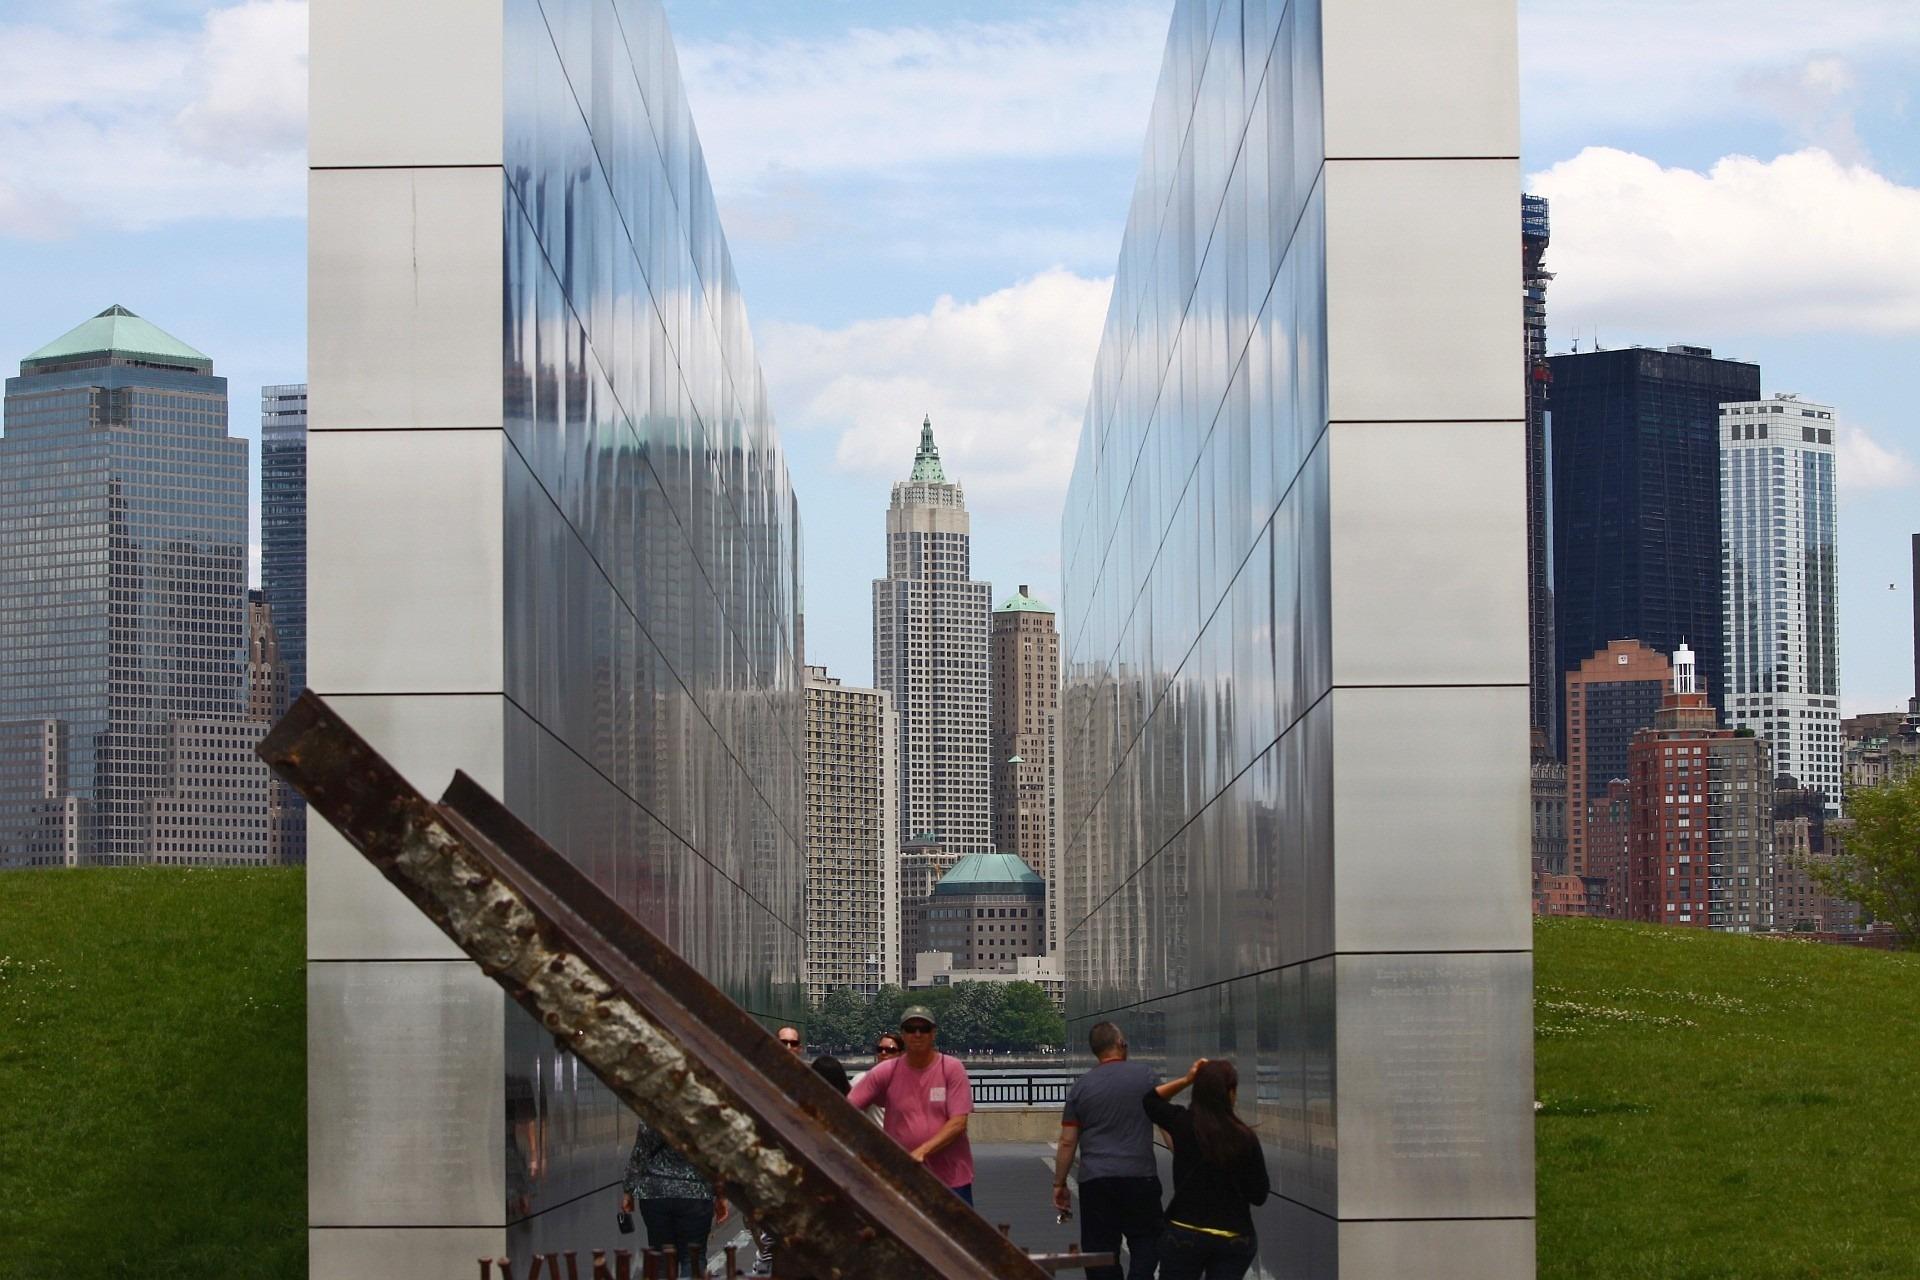 fotos gratis horizonte rascacielos nueva york nueva york paisaje urbano centro de la ciudad torre parque punto de referencia